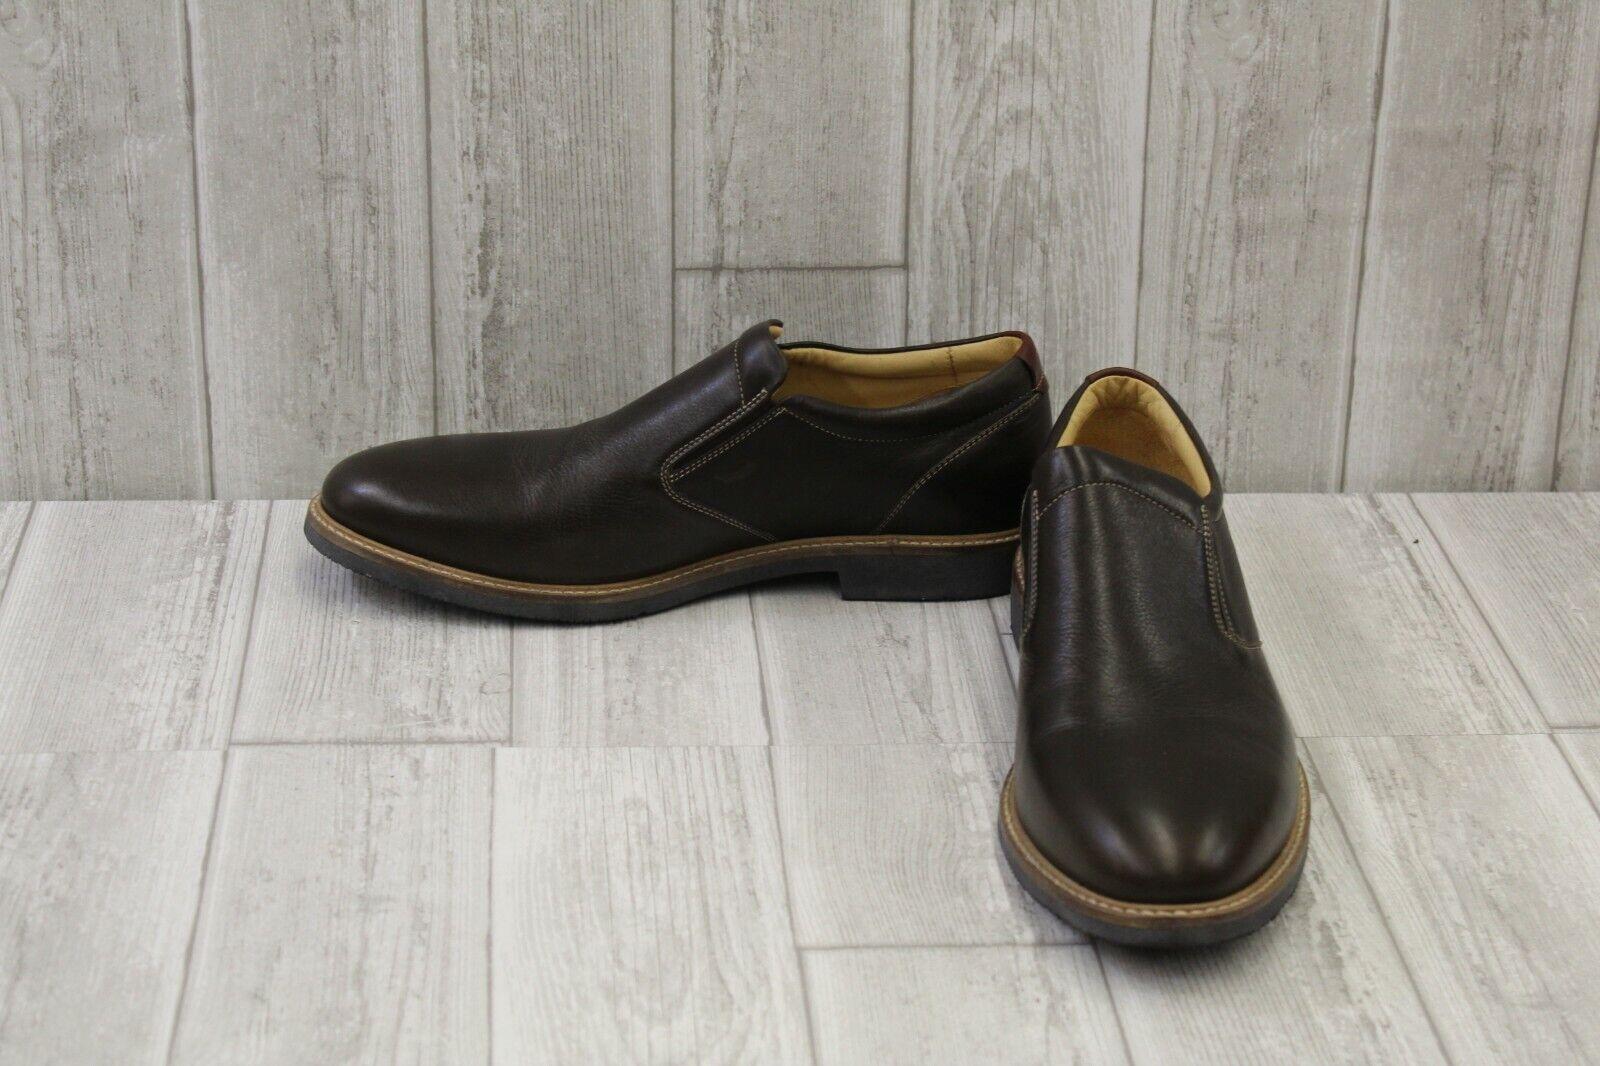 Johnston & Murphy Barlow Venetian Slip-On Loafer - Men's Size 11M, Brown